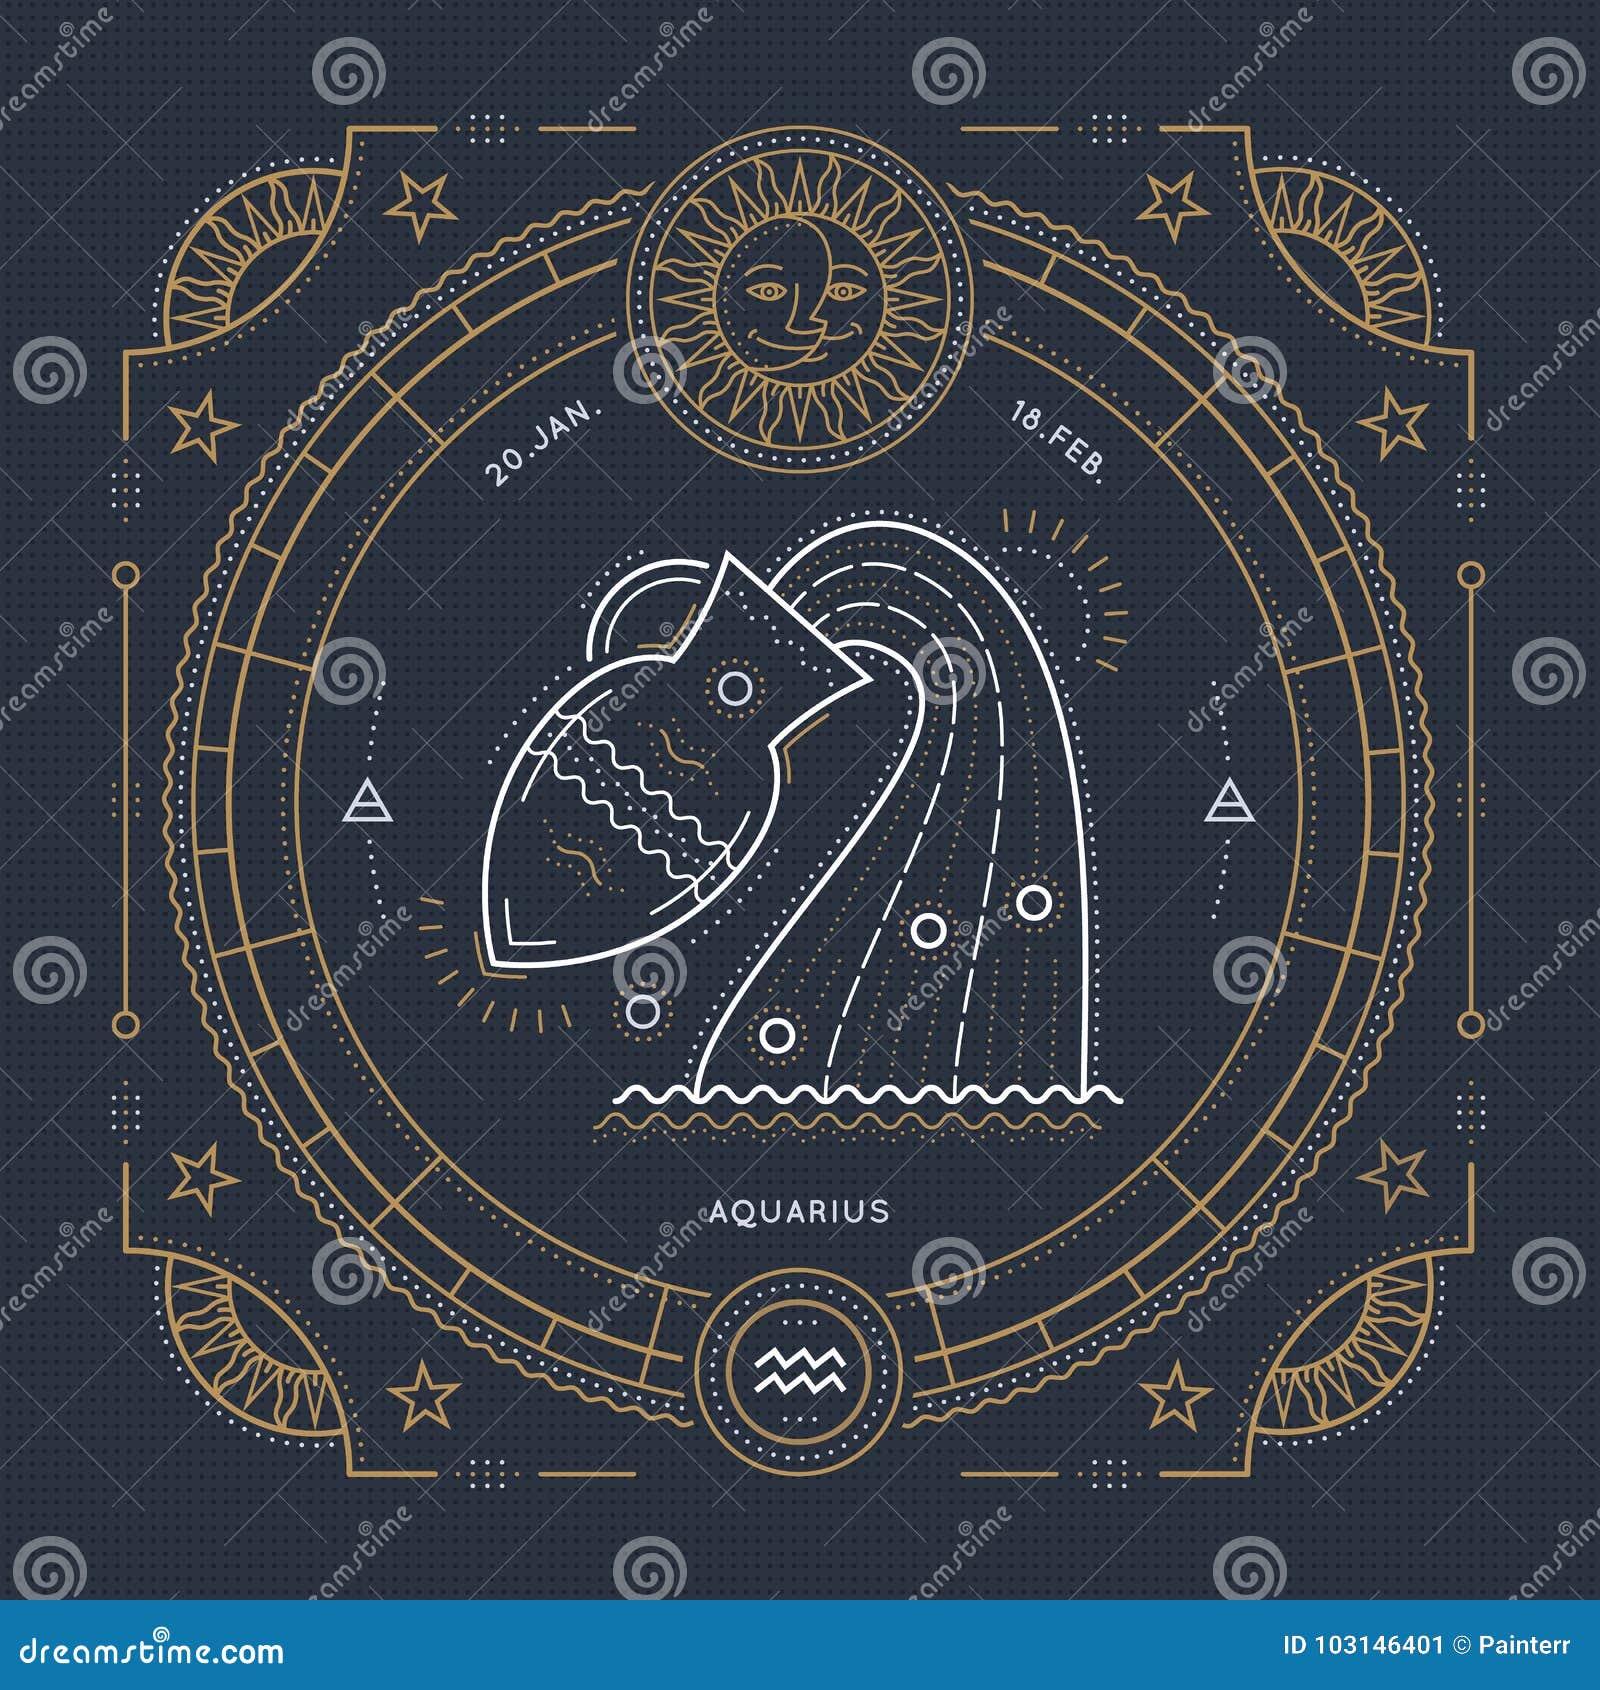 葡萄酒稀薄的线宝瓶星座黄道带标志标签 减速火箭的传染媒介占星术标志,神秘主义者,神圣的几何元素,象征